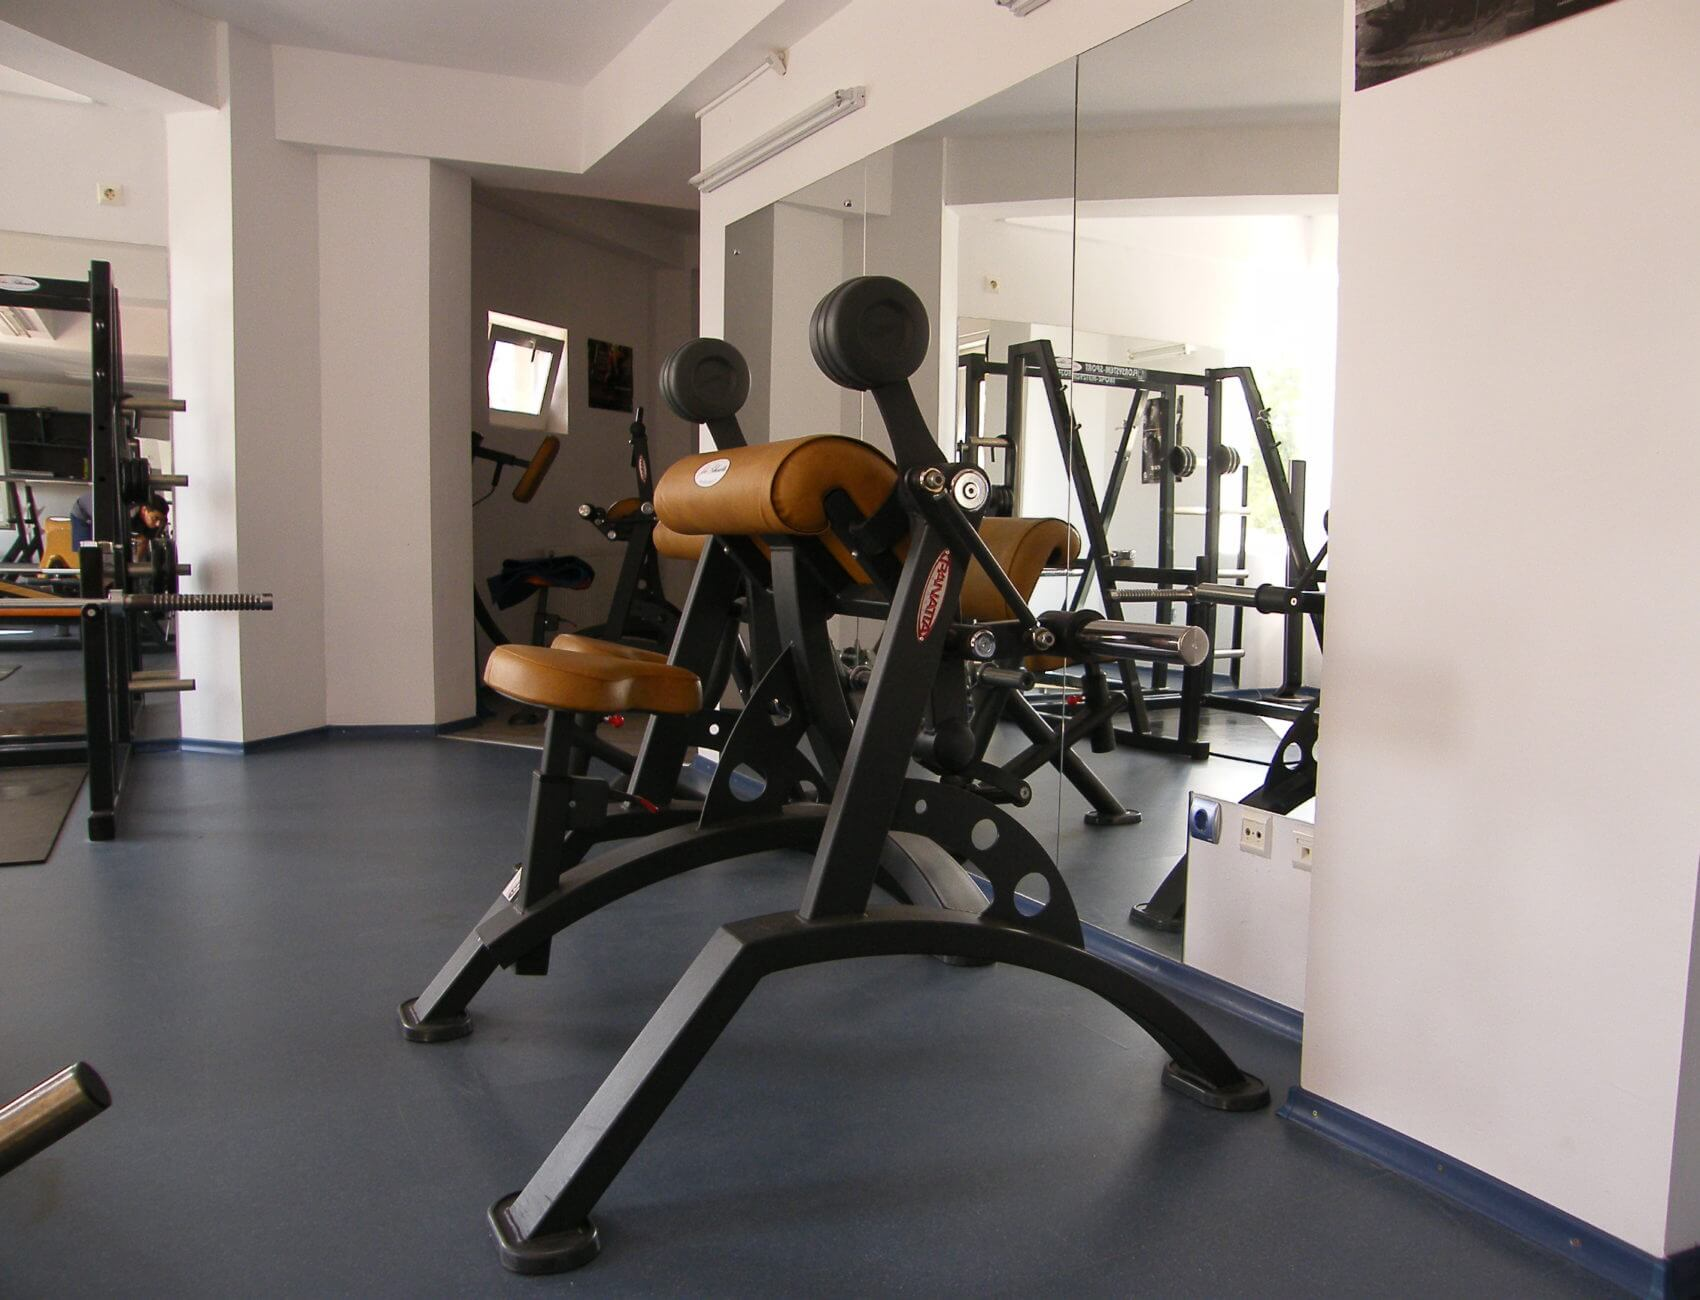 Galerie echipamente fitness 2017 - 5